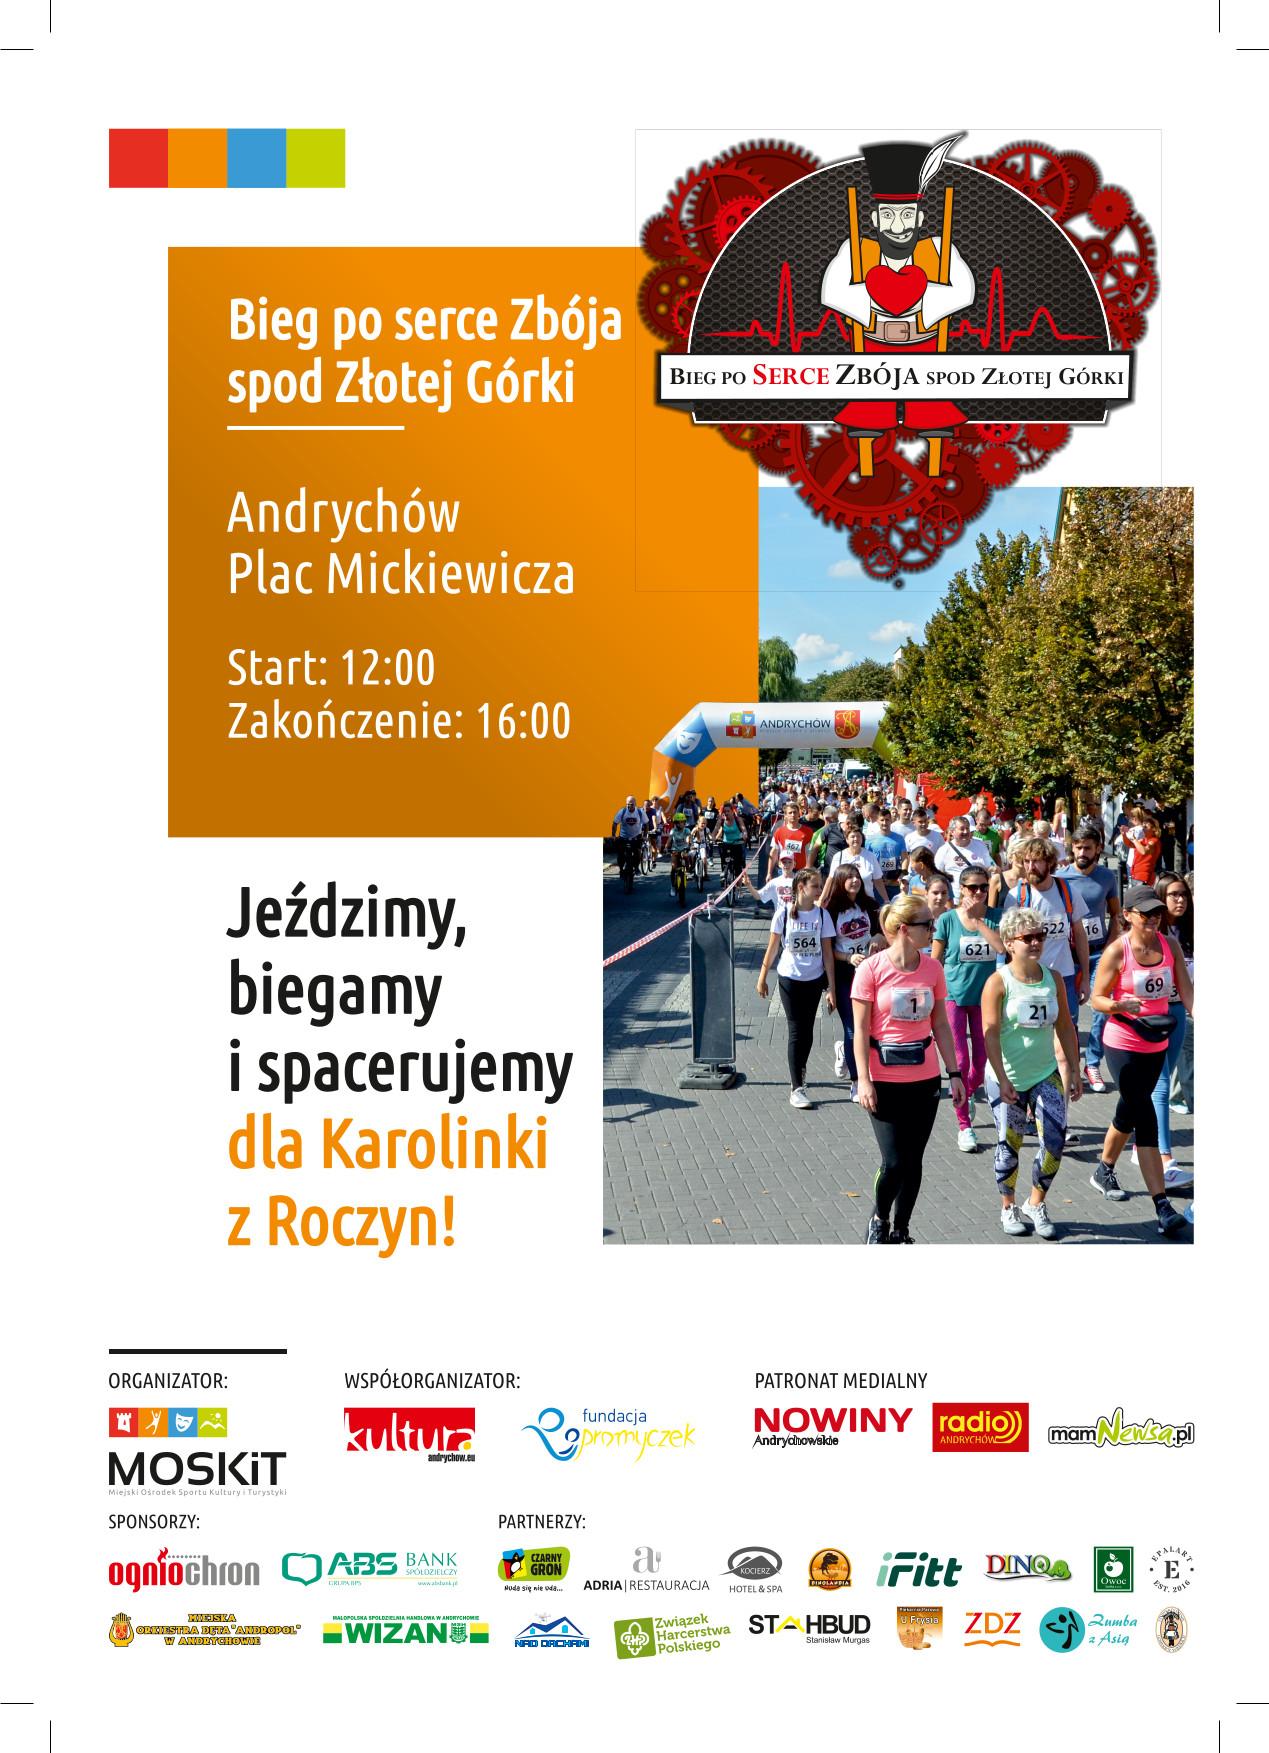 """Plakat z napisem: """"Bieg po serce Zbója spod Złotej Górki, Andrychów Plac Mickiewicza start: 12:00, zakończenie: 16:00. Jeździmy, biegamy i spacerujemy dla Karolinki z Roczyn"""""""